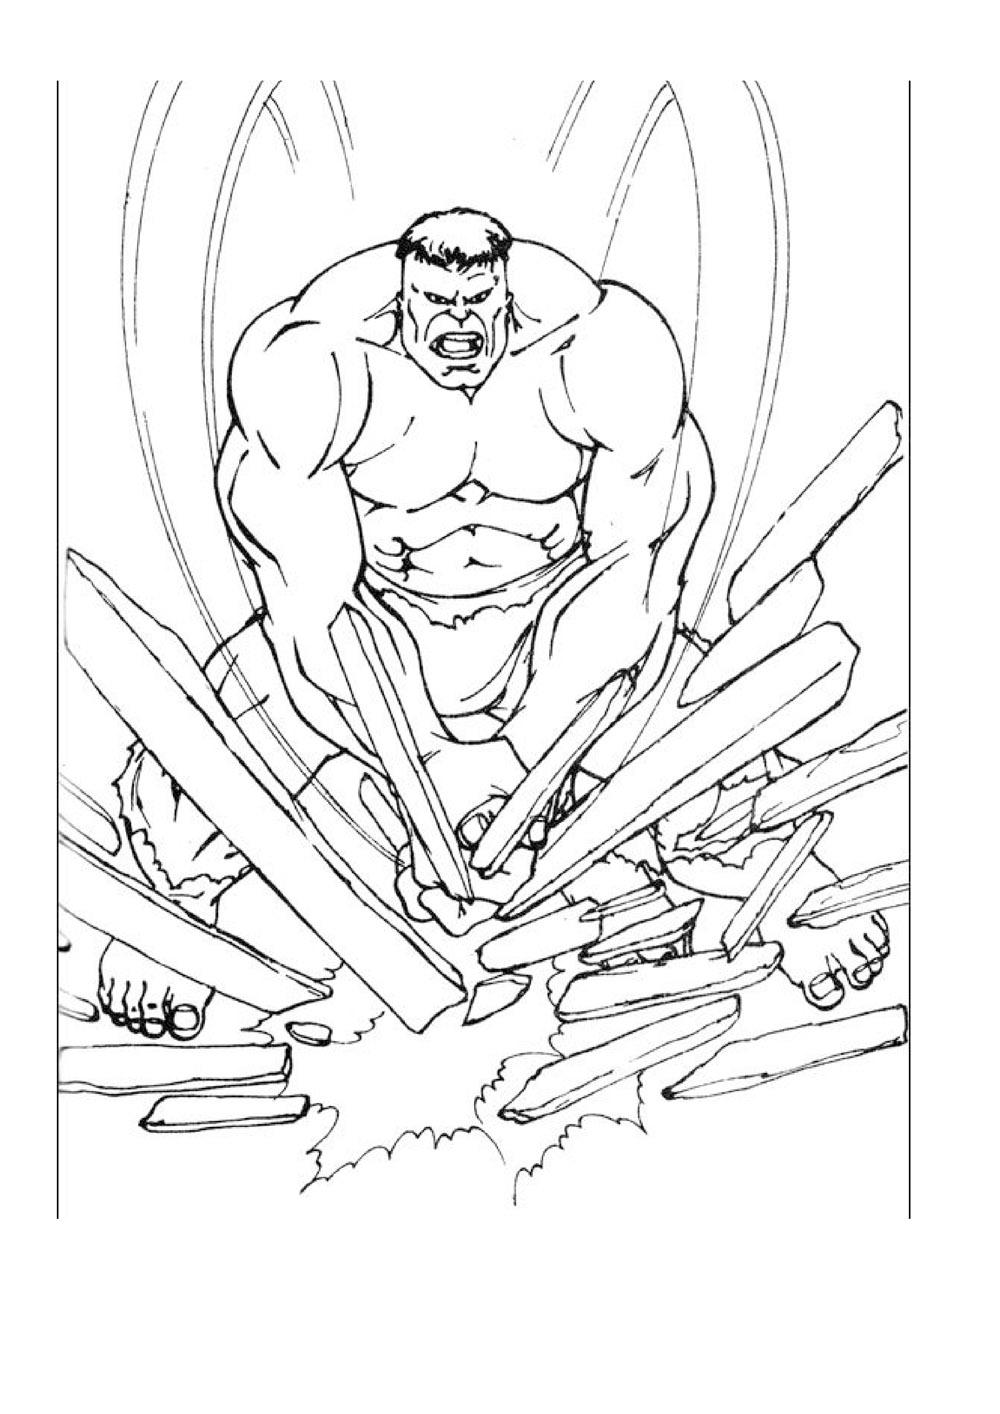 Dessin De Hulk Gratuit A Imprimer Et Colorier Coloriage Hulk Coloriages Pour Enfants